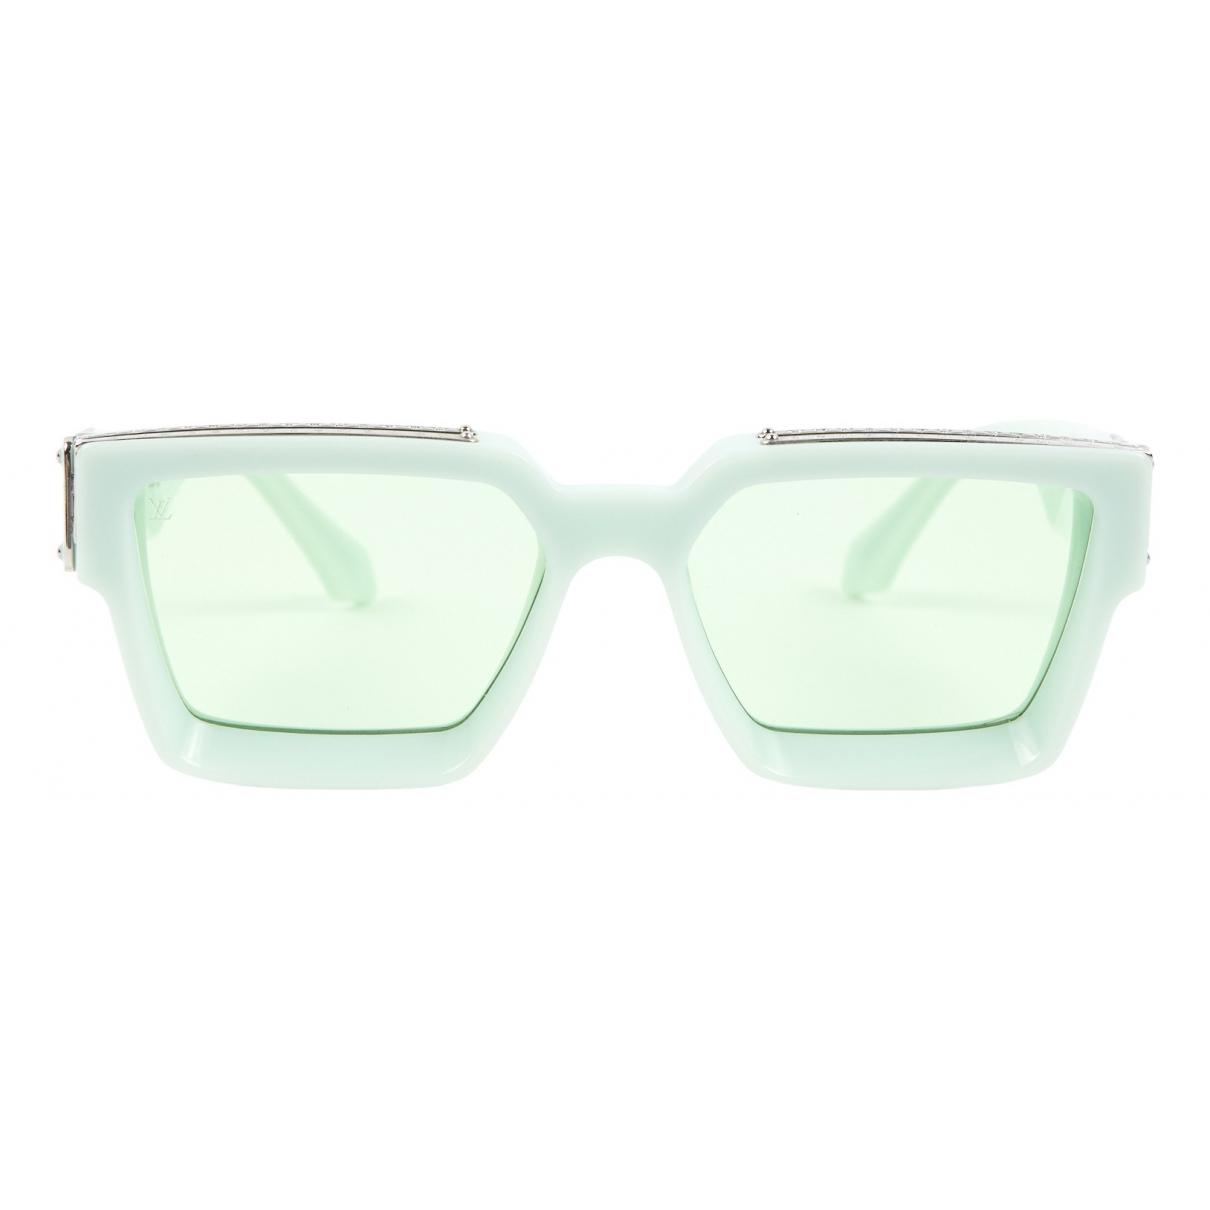 Louis Vuitton - Lunettes   pour femme - vert